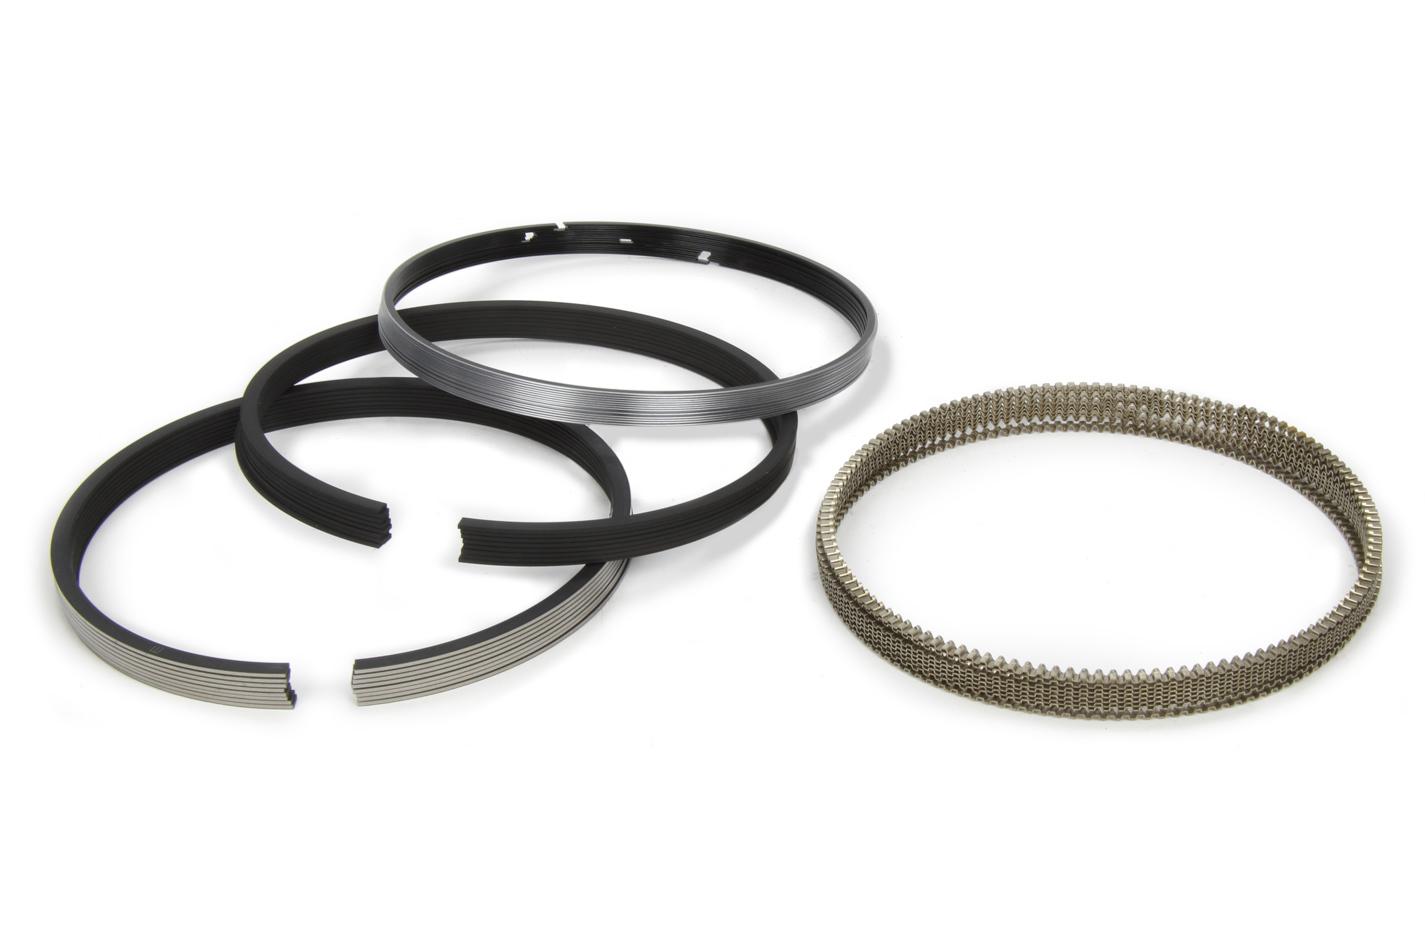 Piston Ring Set 4.130 1.0 1.0 2.0mm